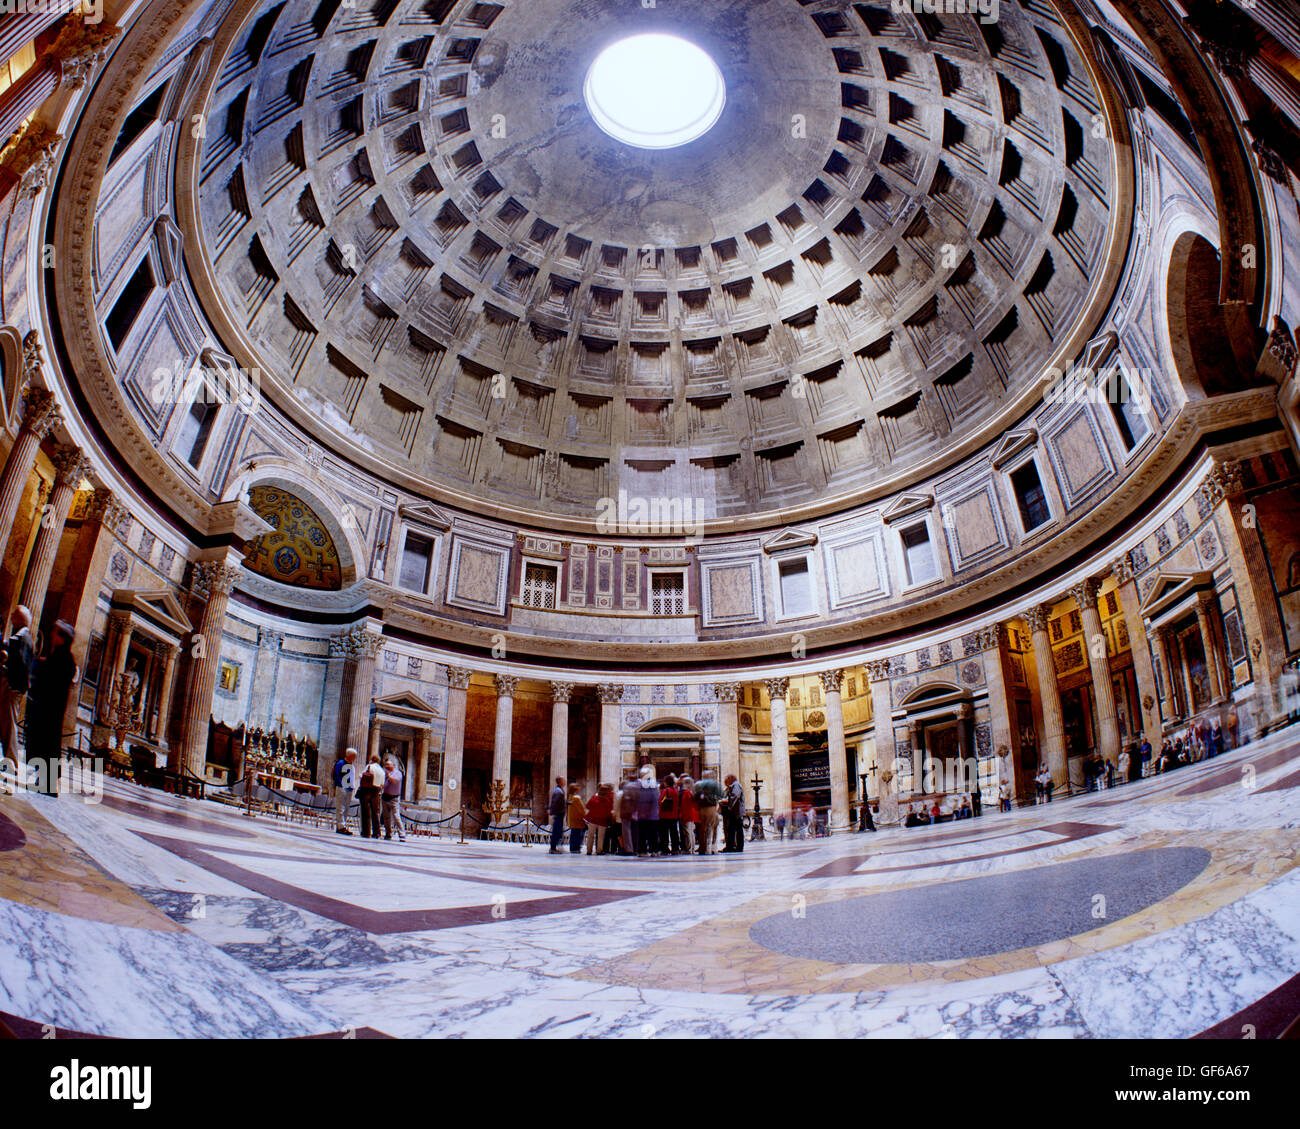 Innenraum des Pantheon, Rom, Italien Stockbild